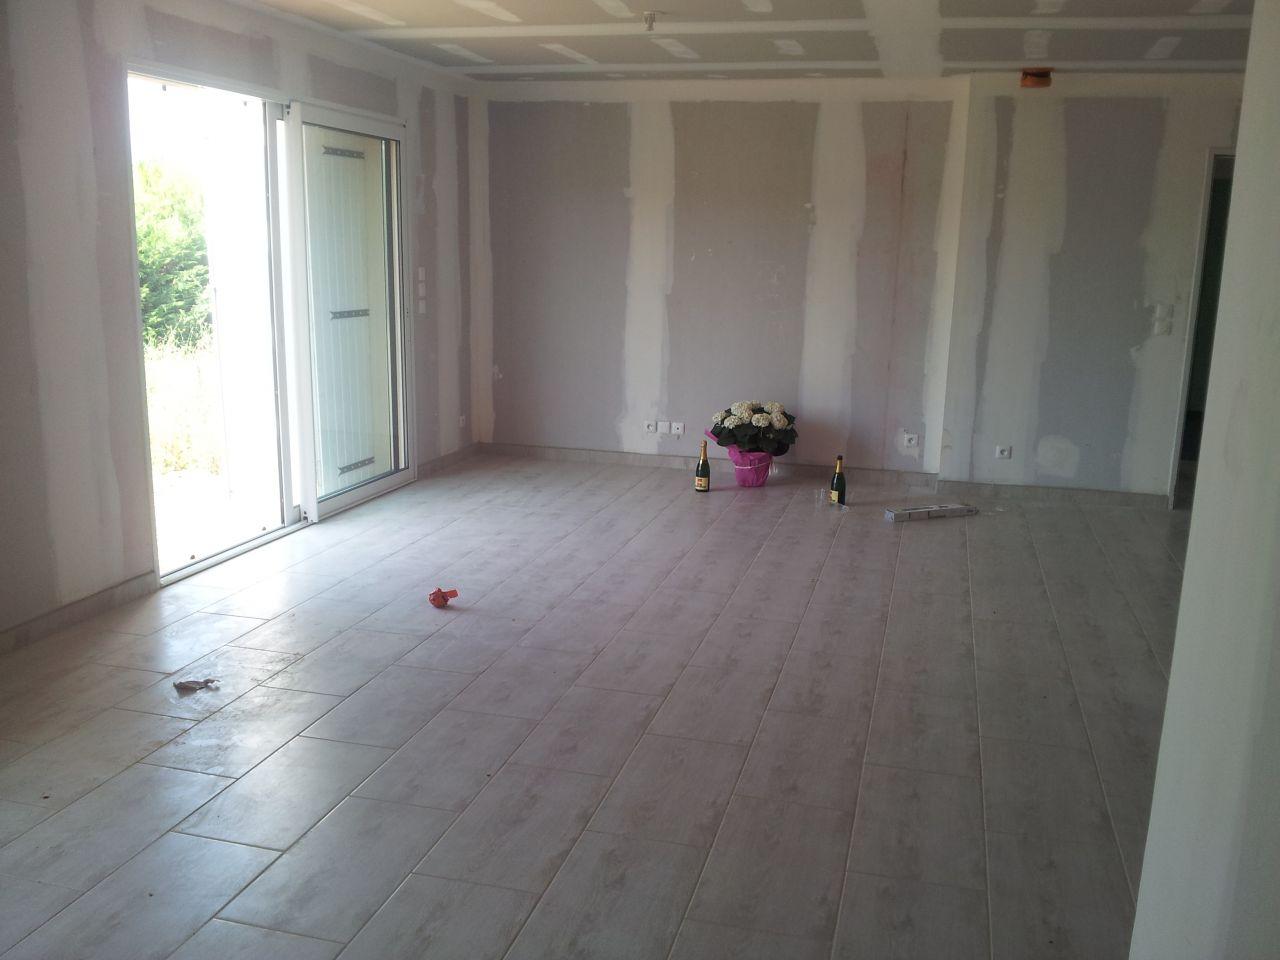 Ca y est, la maison est enfin à nous! C'est parti pour les peintures et montage des meubles! Le début de la réelle aventure! <br />  <br /> La villa provencale nous a offert une belle plante et deux bouteilles de champagne (dont une ouverte avec le commercial et le conducteur des travaux)